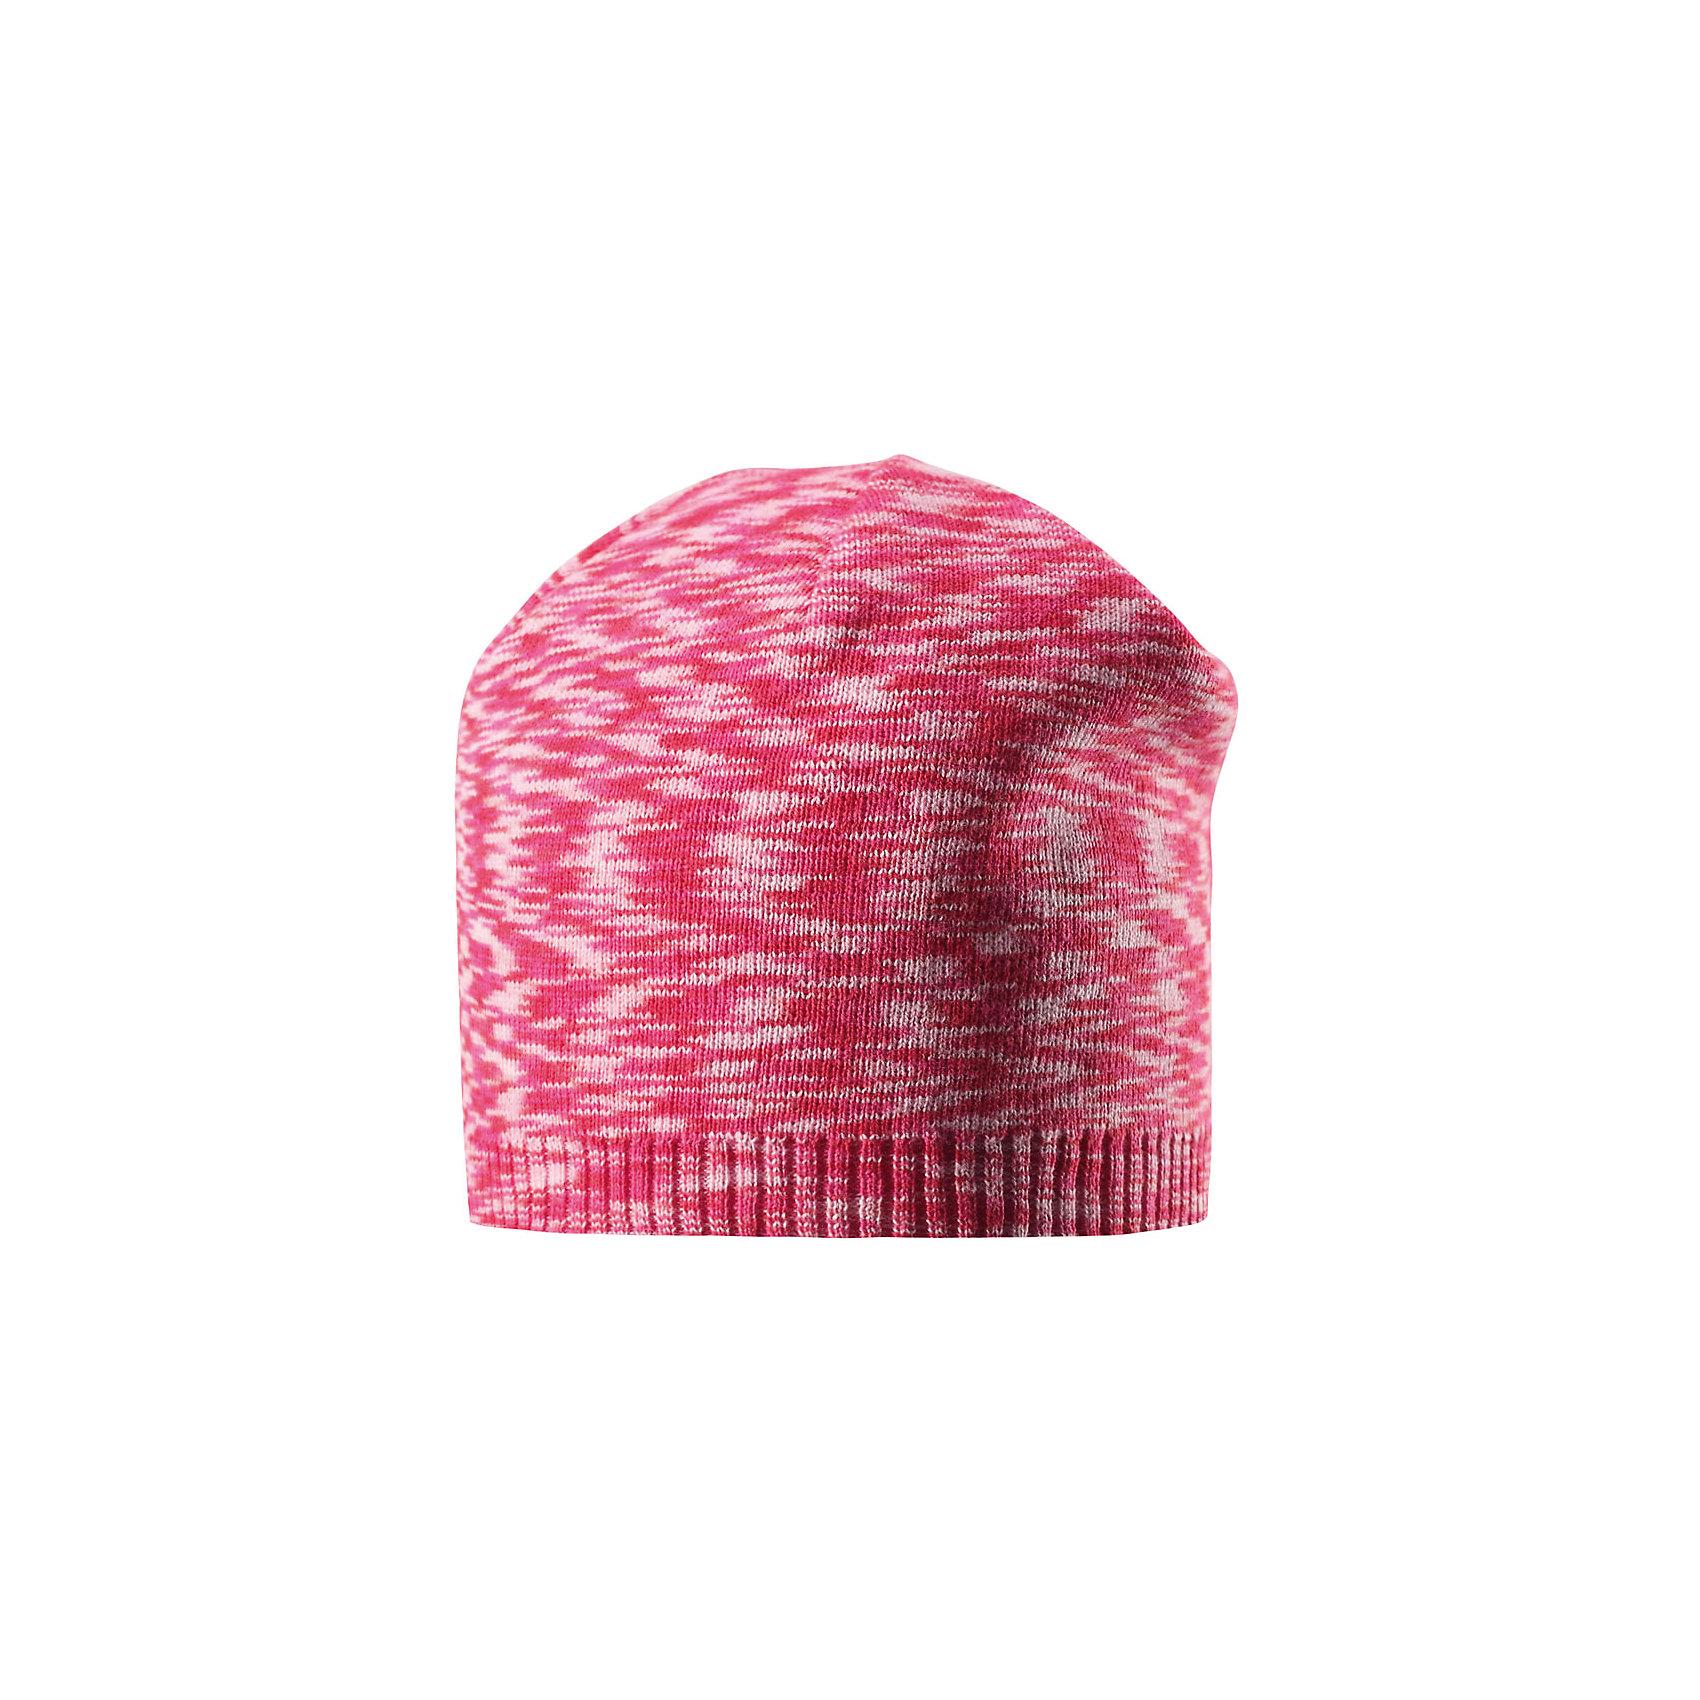 Шапка Liplatus ReimaХарактеристики товара:<br><br>• цвет: красный<br>• состав: 100% хлопок<br>• температурный режим: от 10С<br>• эластичный хлопковый трикотаж<br>• изделие сертифицированно по стандарту Oeko-Tex на продукция класса 2 - одежда, контактирующая с кожей<br>• облегчённая модель без подкладки<br>• эмблема Reima сзади<br>• страна бренда: Финляндия<br>• страна производства: Китай<br><br>Детский головной убор может быть модным и удобным одновременно! Стильная шапка поможет обеспечить ребенку комфорт и дополнить наряд. Шапка удобно сидит и аккуратно выглядит. Проста в уходе, долго служит.<br><br>Уход:<br><br>• сирать по отдельности, вывернув наизнанку<br>• придать первоначальную форму вo влажном виде<br>• возможна усадка 5 %.<br><br>Шапку для мальчика от финского бренда Reima (Рейма) можно купить в нашем интернет-магазине.<br><br>Ширина мм: 89<br>Глубина мм: 117<br>Высота мм: 44<br>Вес г: 155<br>Цвет: розовый<br>Возраст от месяцев: 18<br>Возраст до месяцев: 36<br>Пол: Унисекс<br>Возраст: Детский<br>Размер: 50,48,54,56,52<br>SKU: 5267820